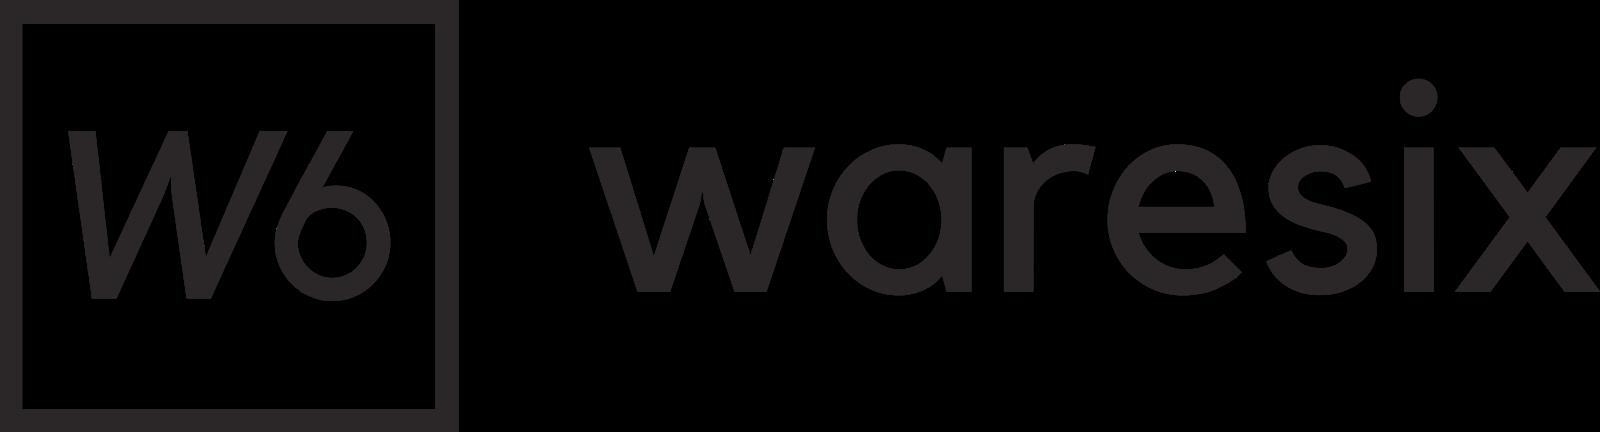 Loker Kudus Terbaru dan terupdate Waresix adalah startup teknologi logistik yang menyediakan solusi penyimpanan end-to-end yaitu mencakup transportasi hingga kebutuhan pergudangan. sedang membuka kesempatan berkerja untuk posisi